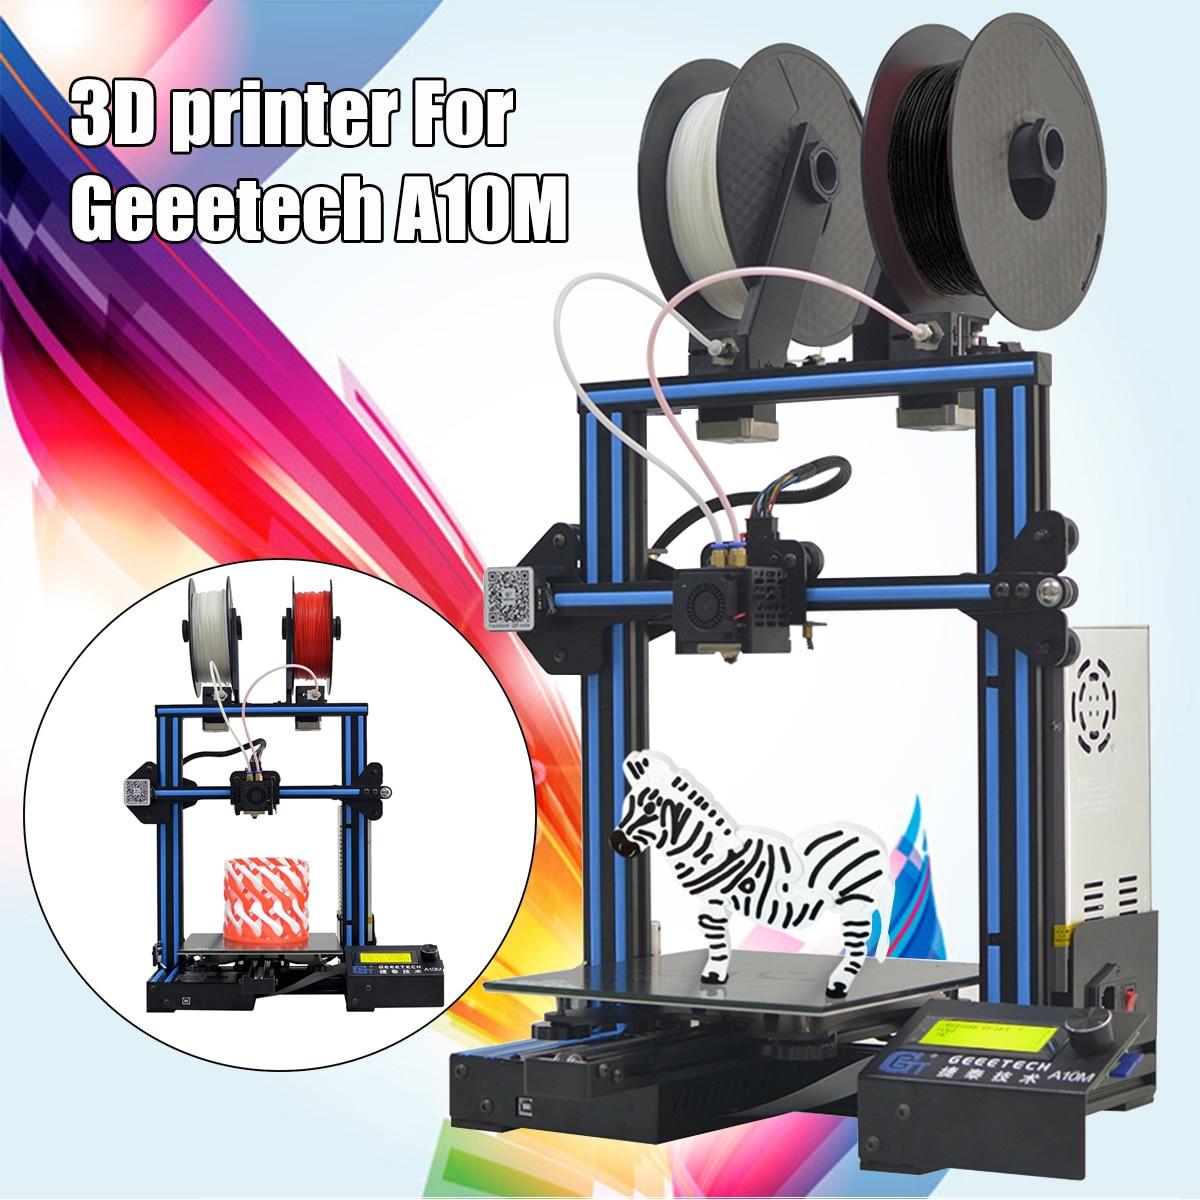 A10M Mix-couleur I3 3D Imprimante Taille D'impression Avec Double Extrudeuse/Filament Détecteur/Résumé De Puissance/3:1 train d'engrenages Tableau De Commande